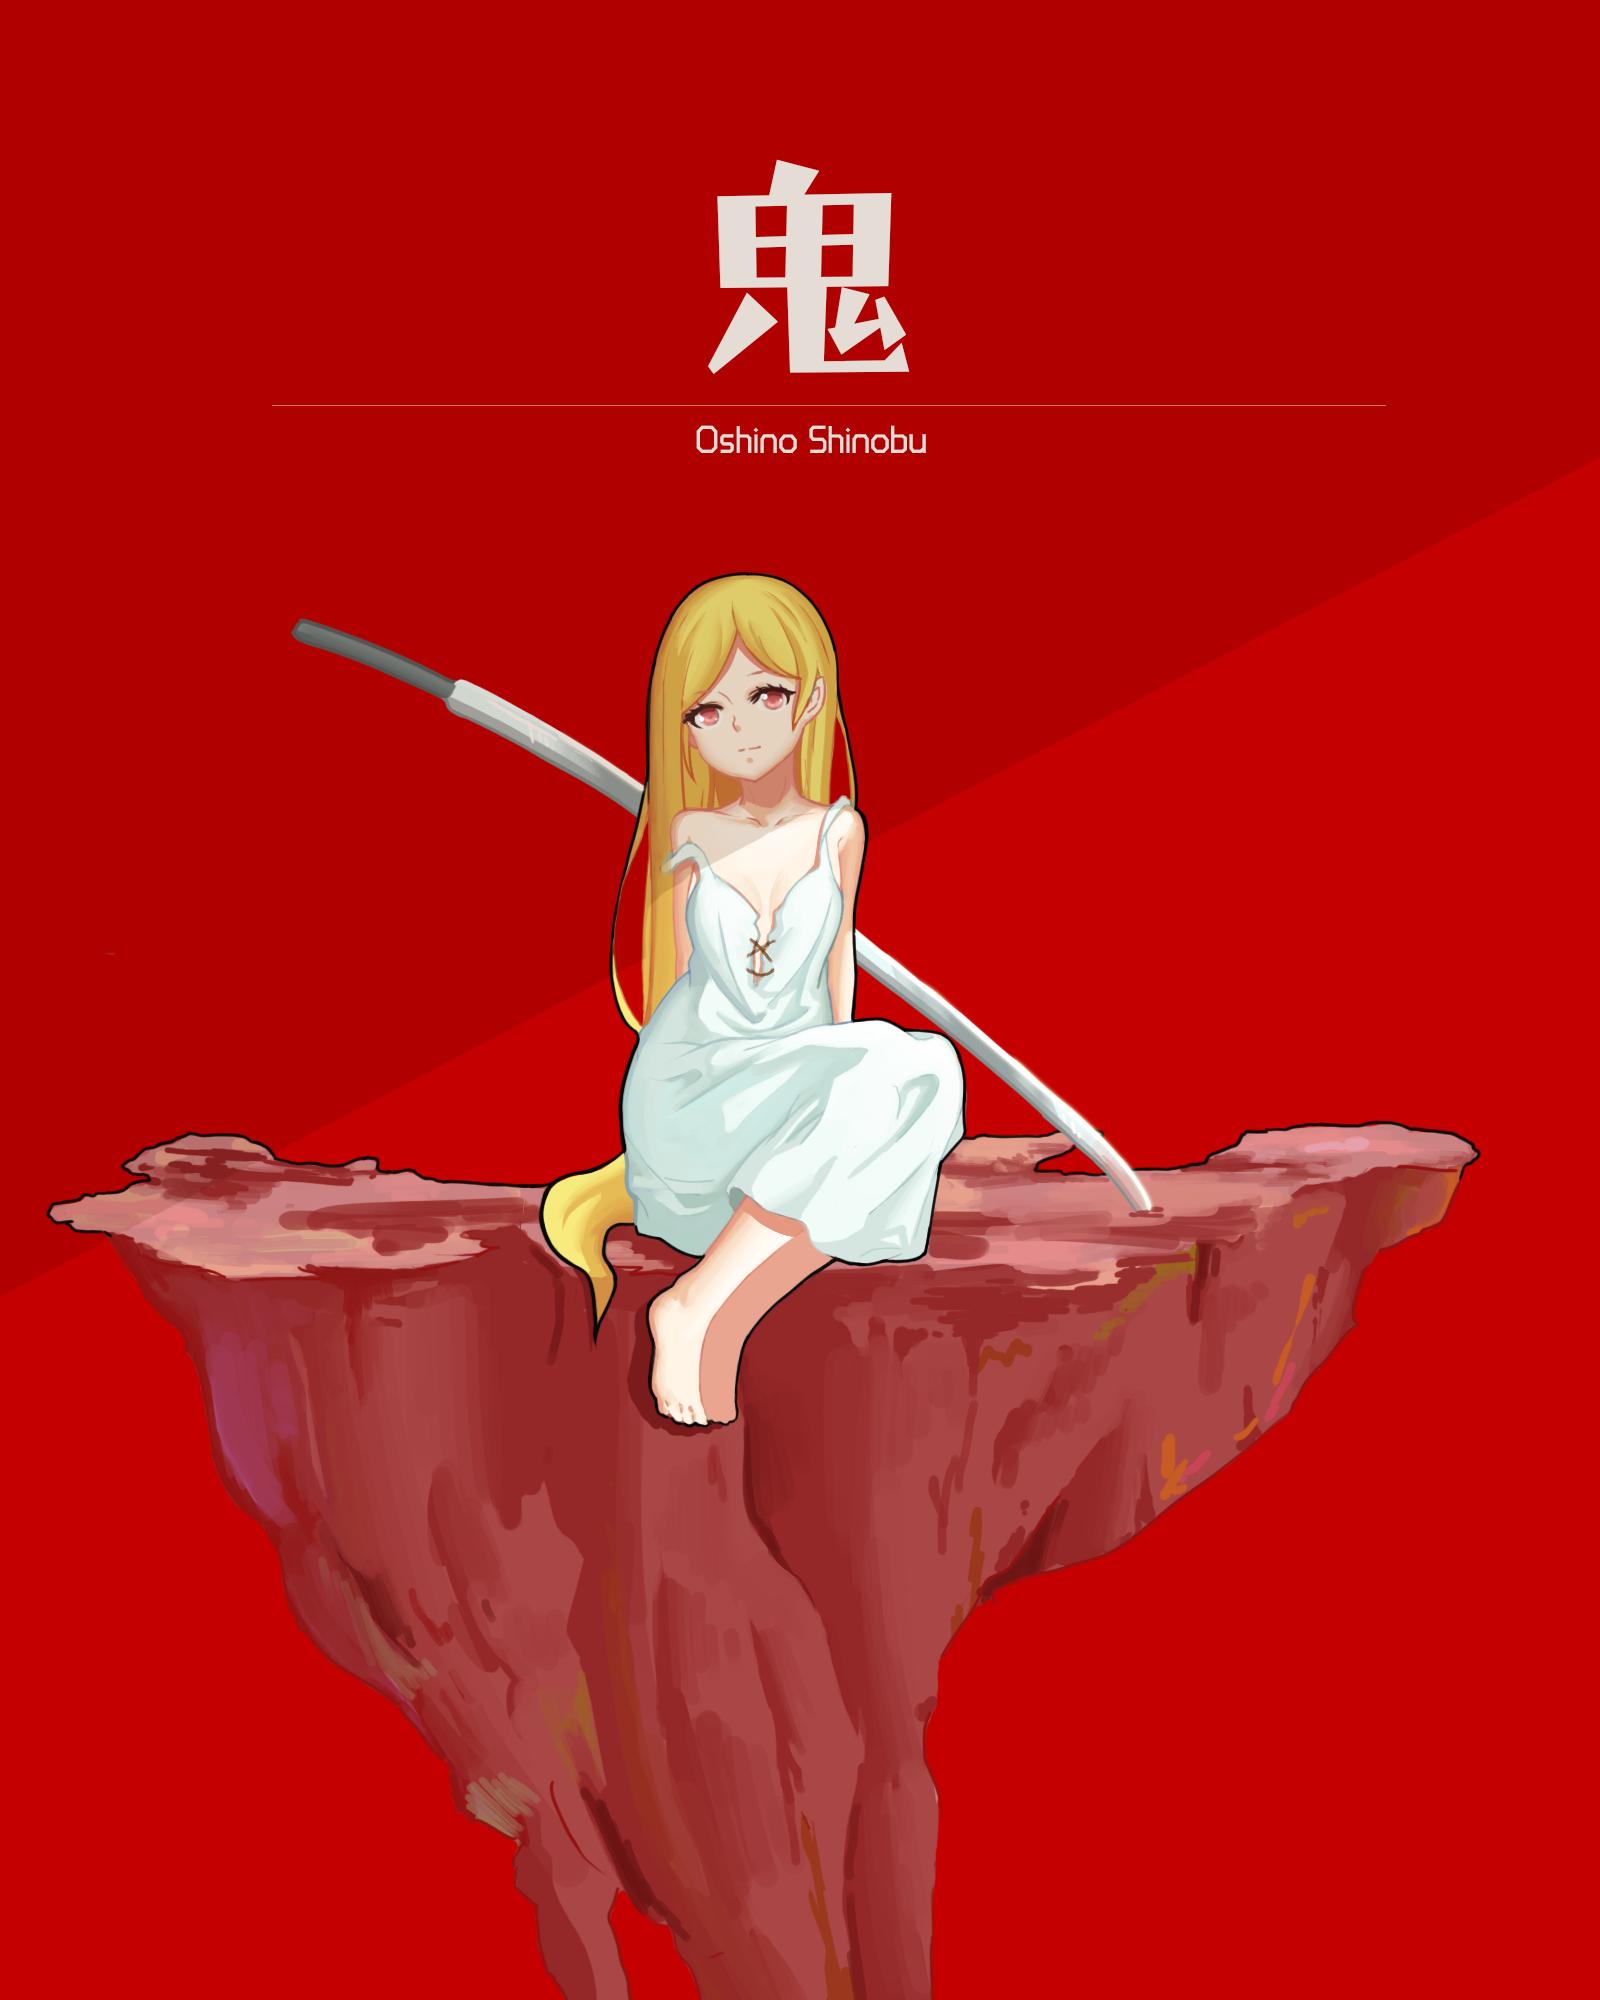 二次元美图·萝莉篇·忍野忍·姬丝秀忒·图集(第六期)